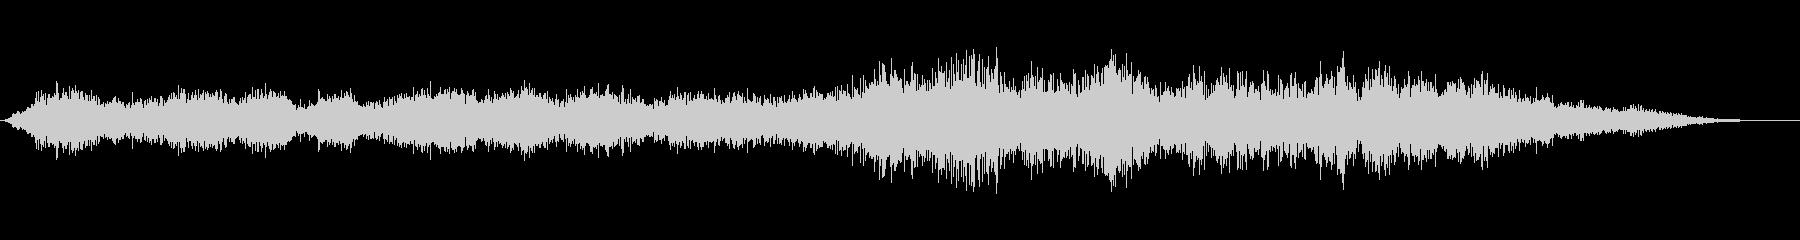 ゴーストプールの未再生の波形